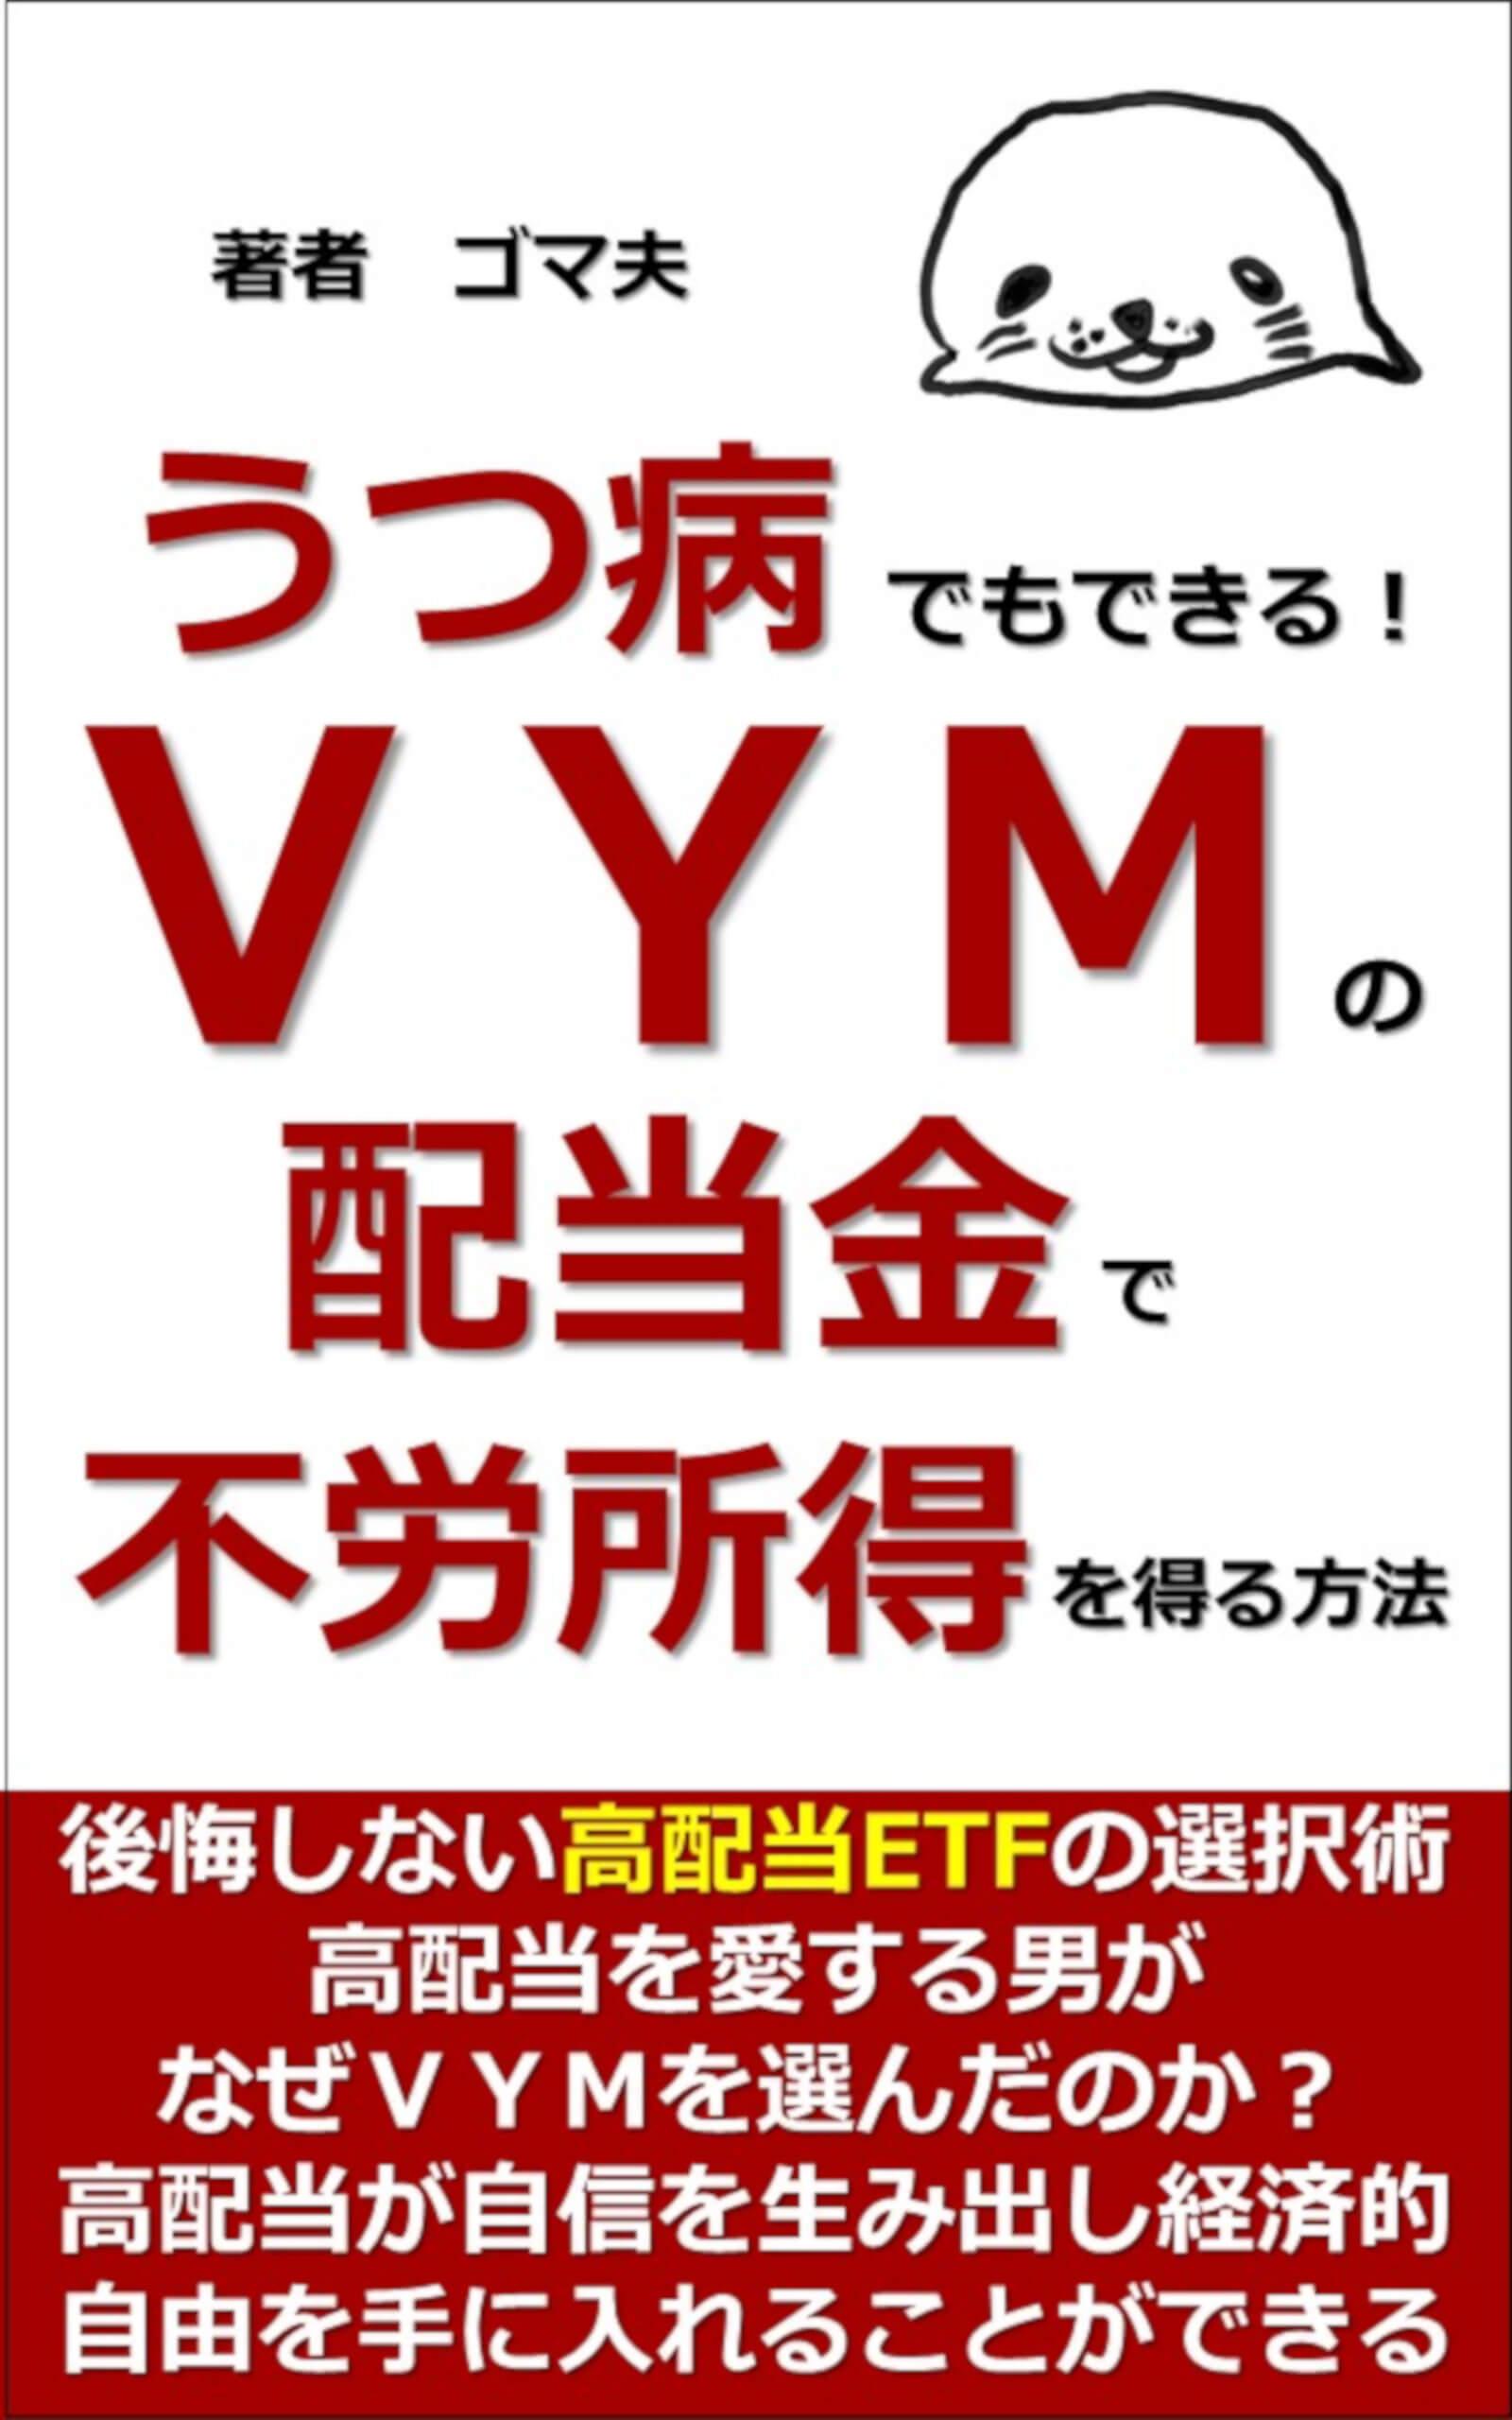 表紙_うつ病でもできる!VYMの配当金で不労所得を得る方法